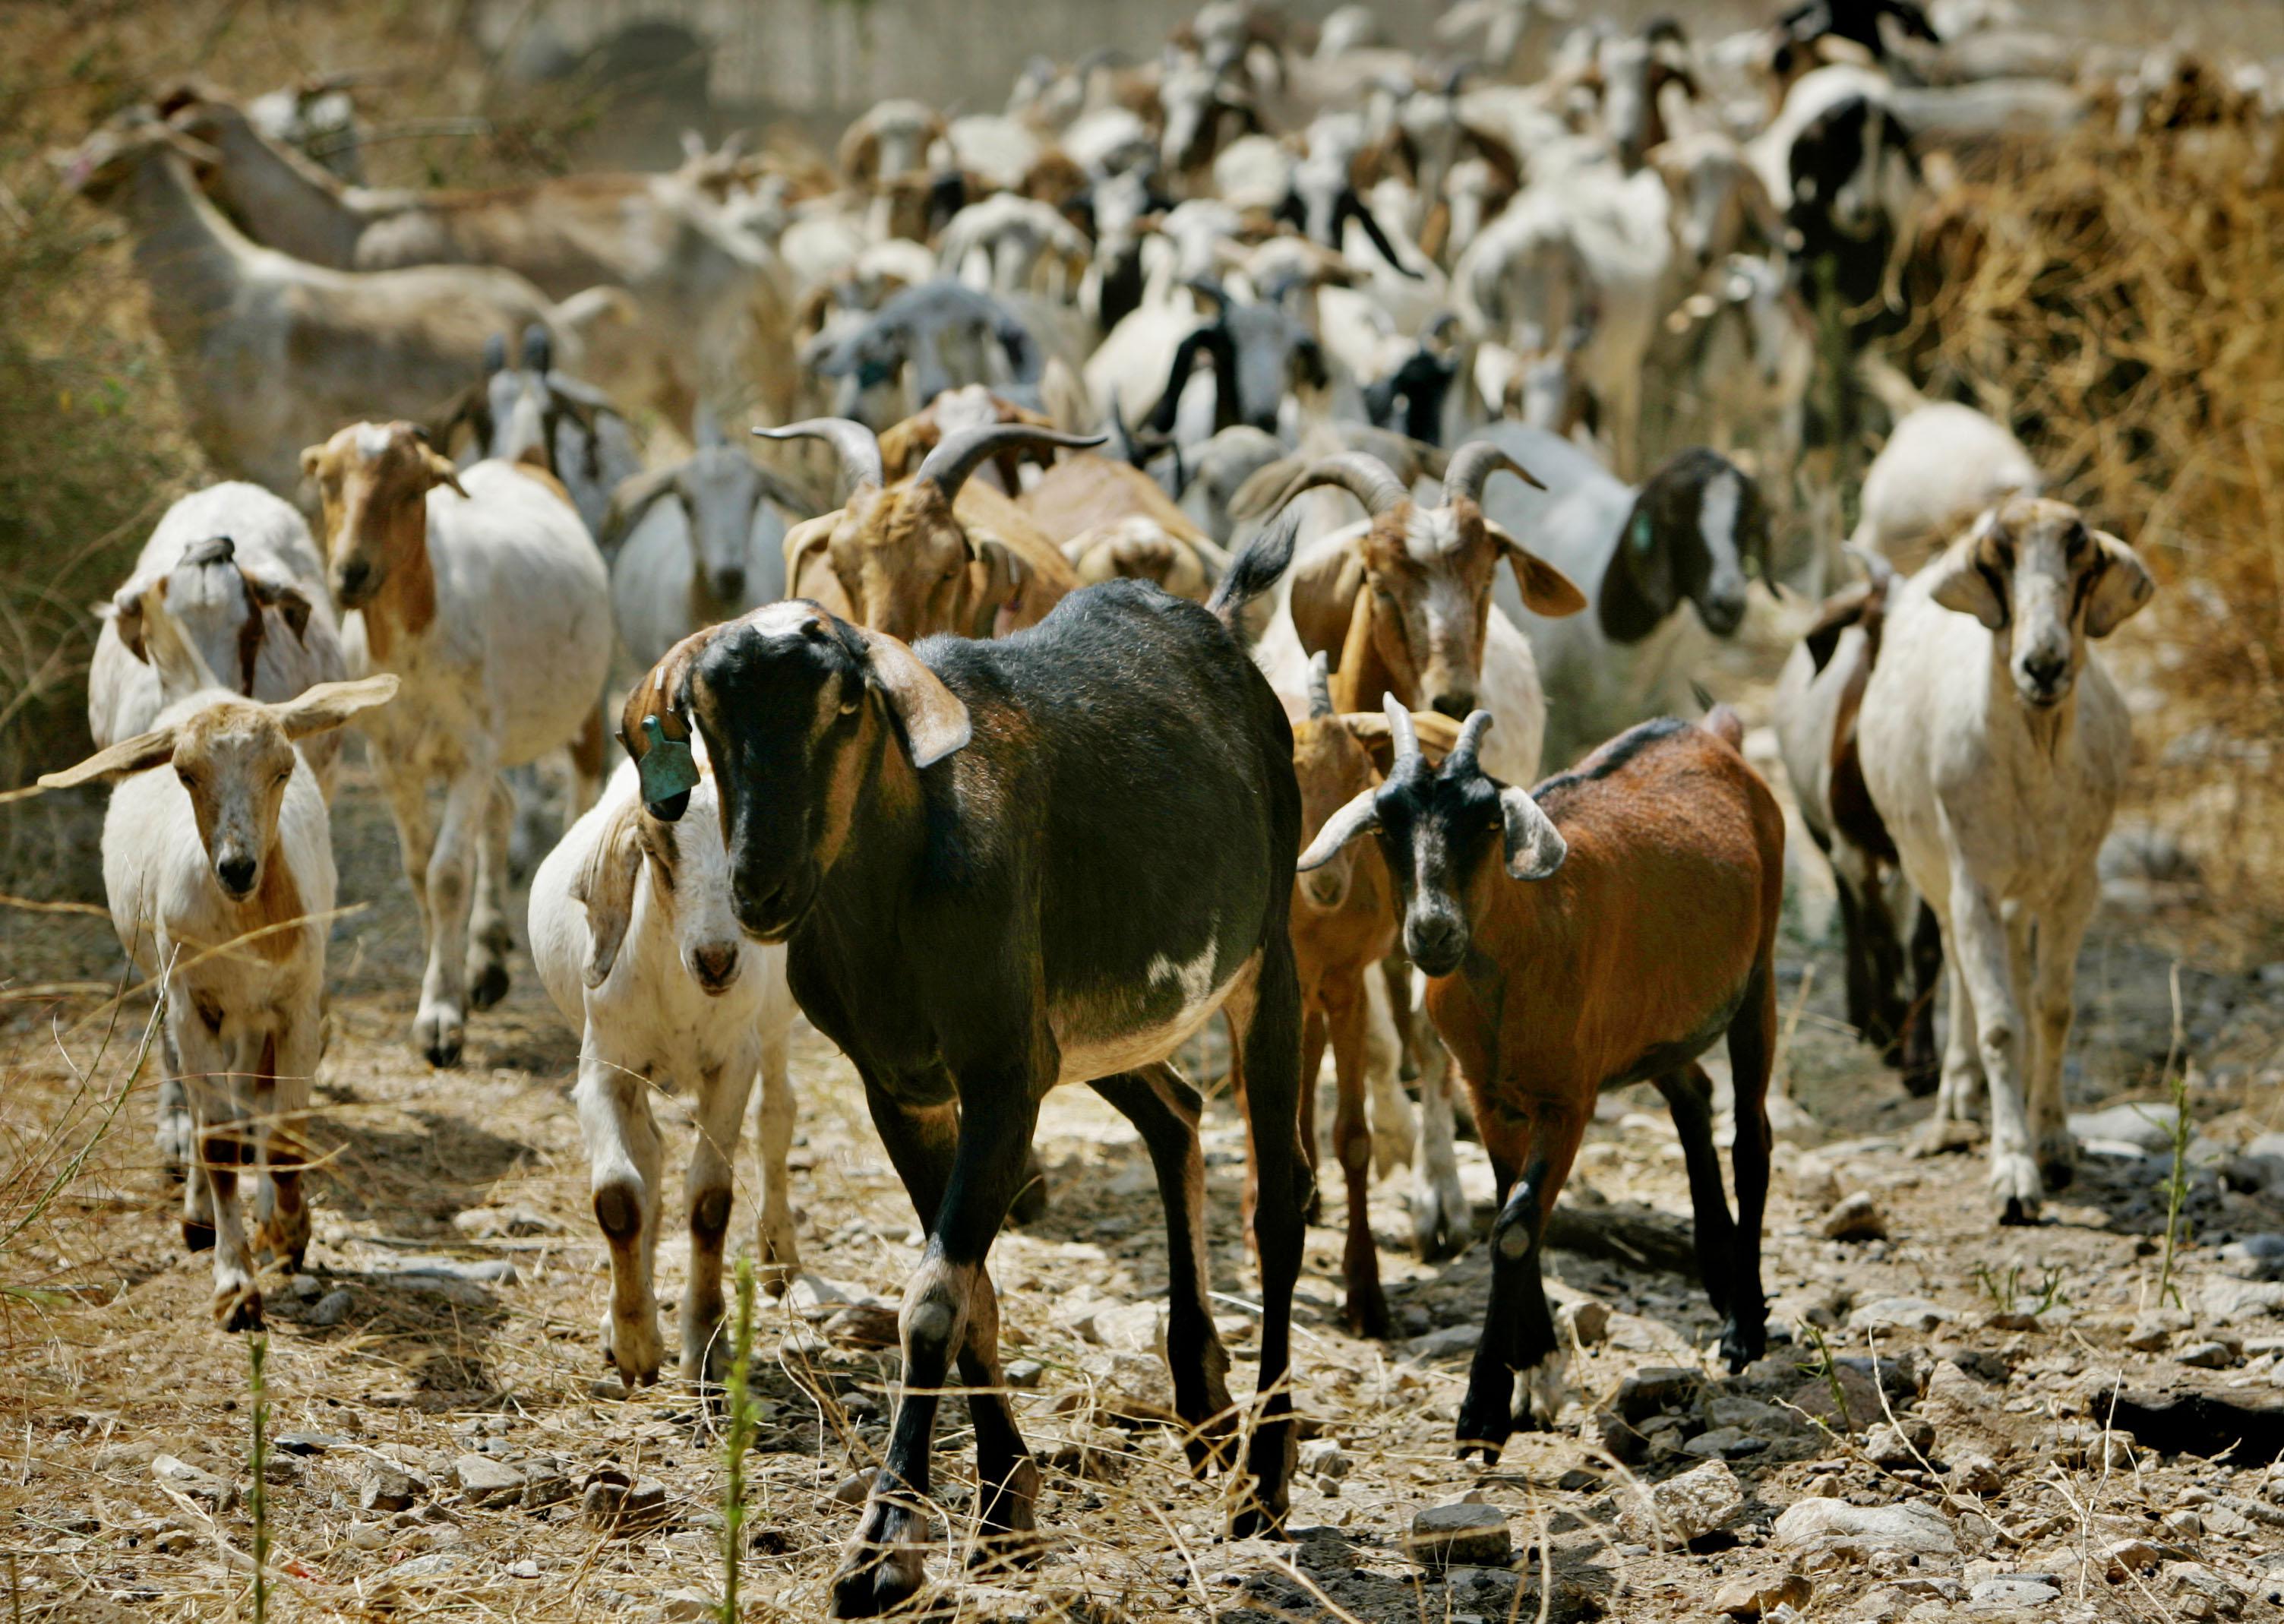 galapagos-goat-problem